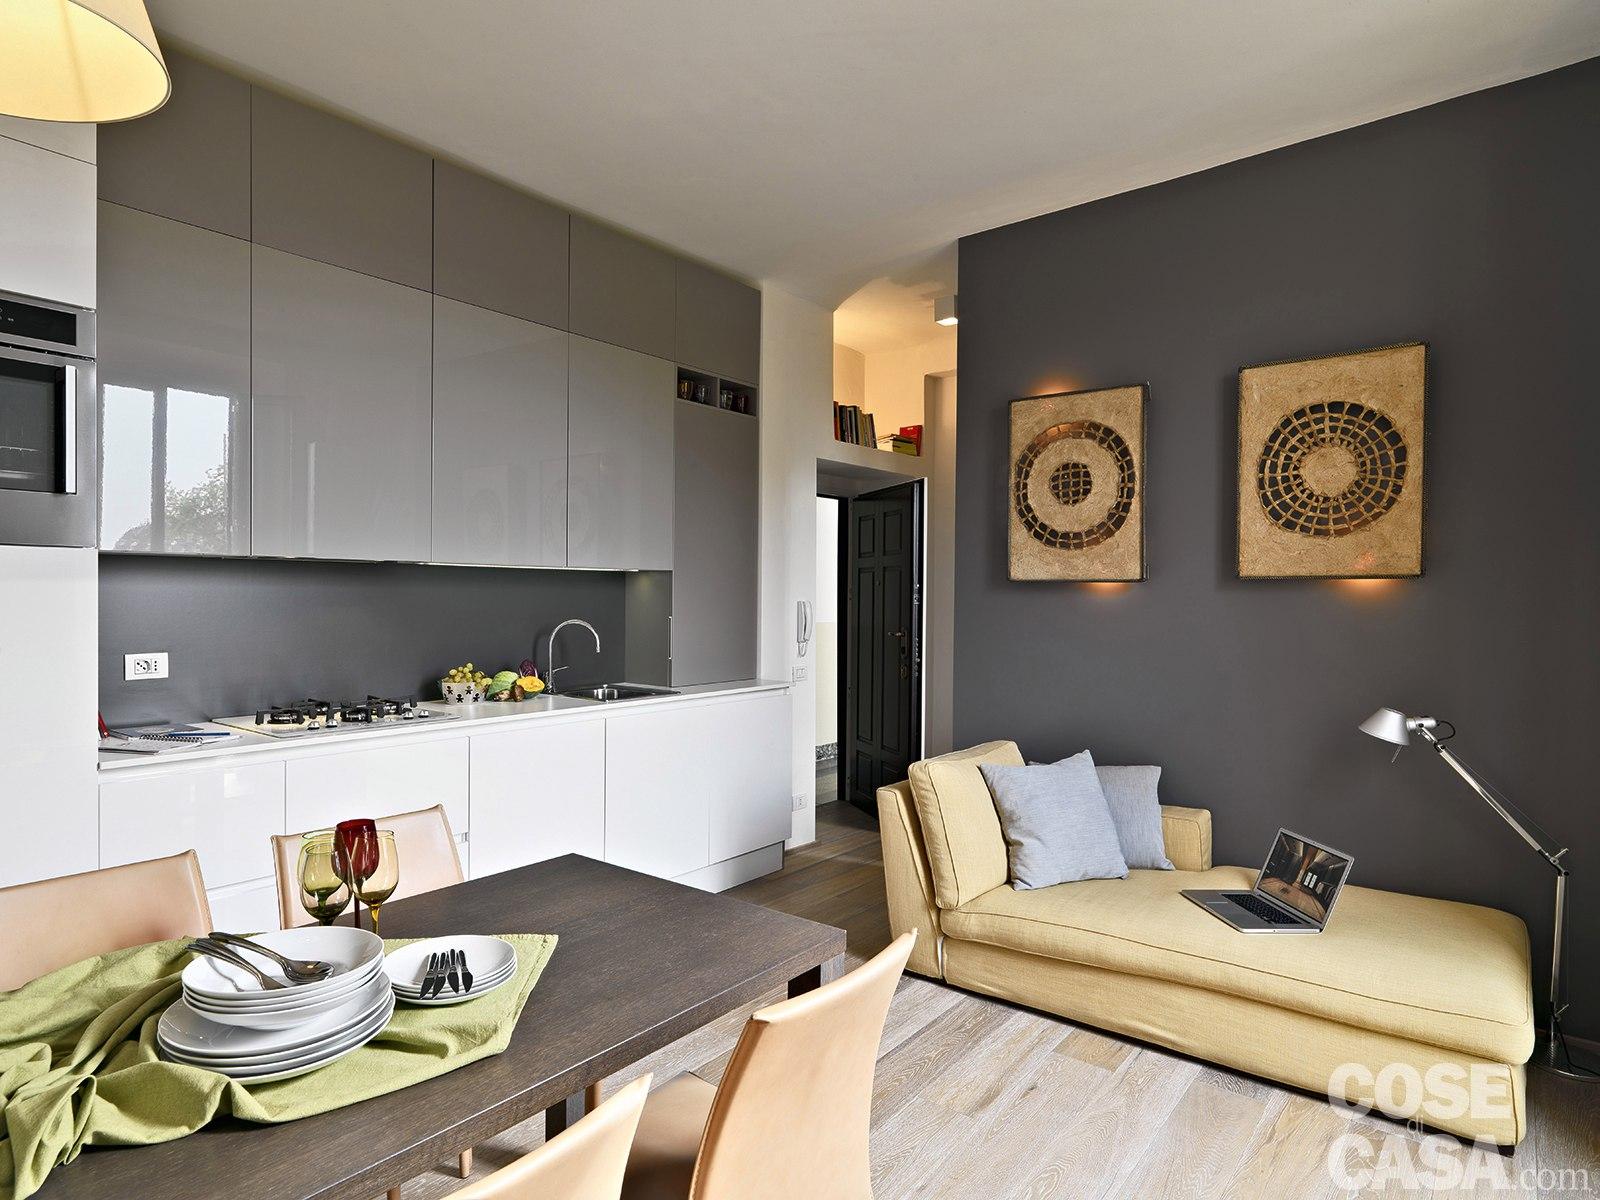 Интерьер квартиры 35 м с раздвижными перегородками в Милане.